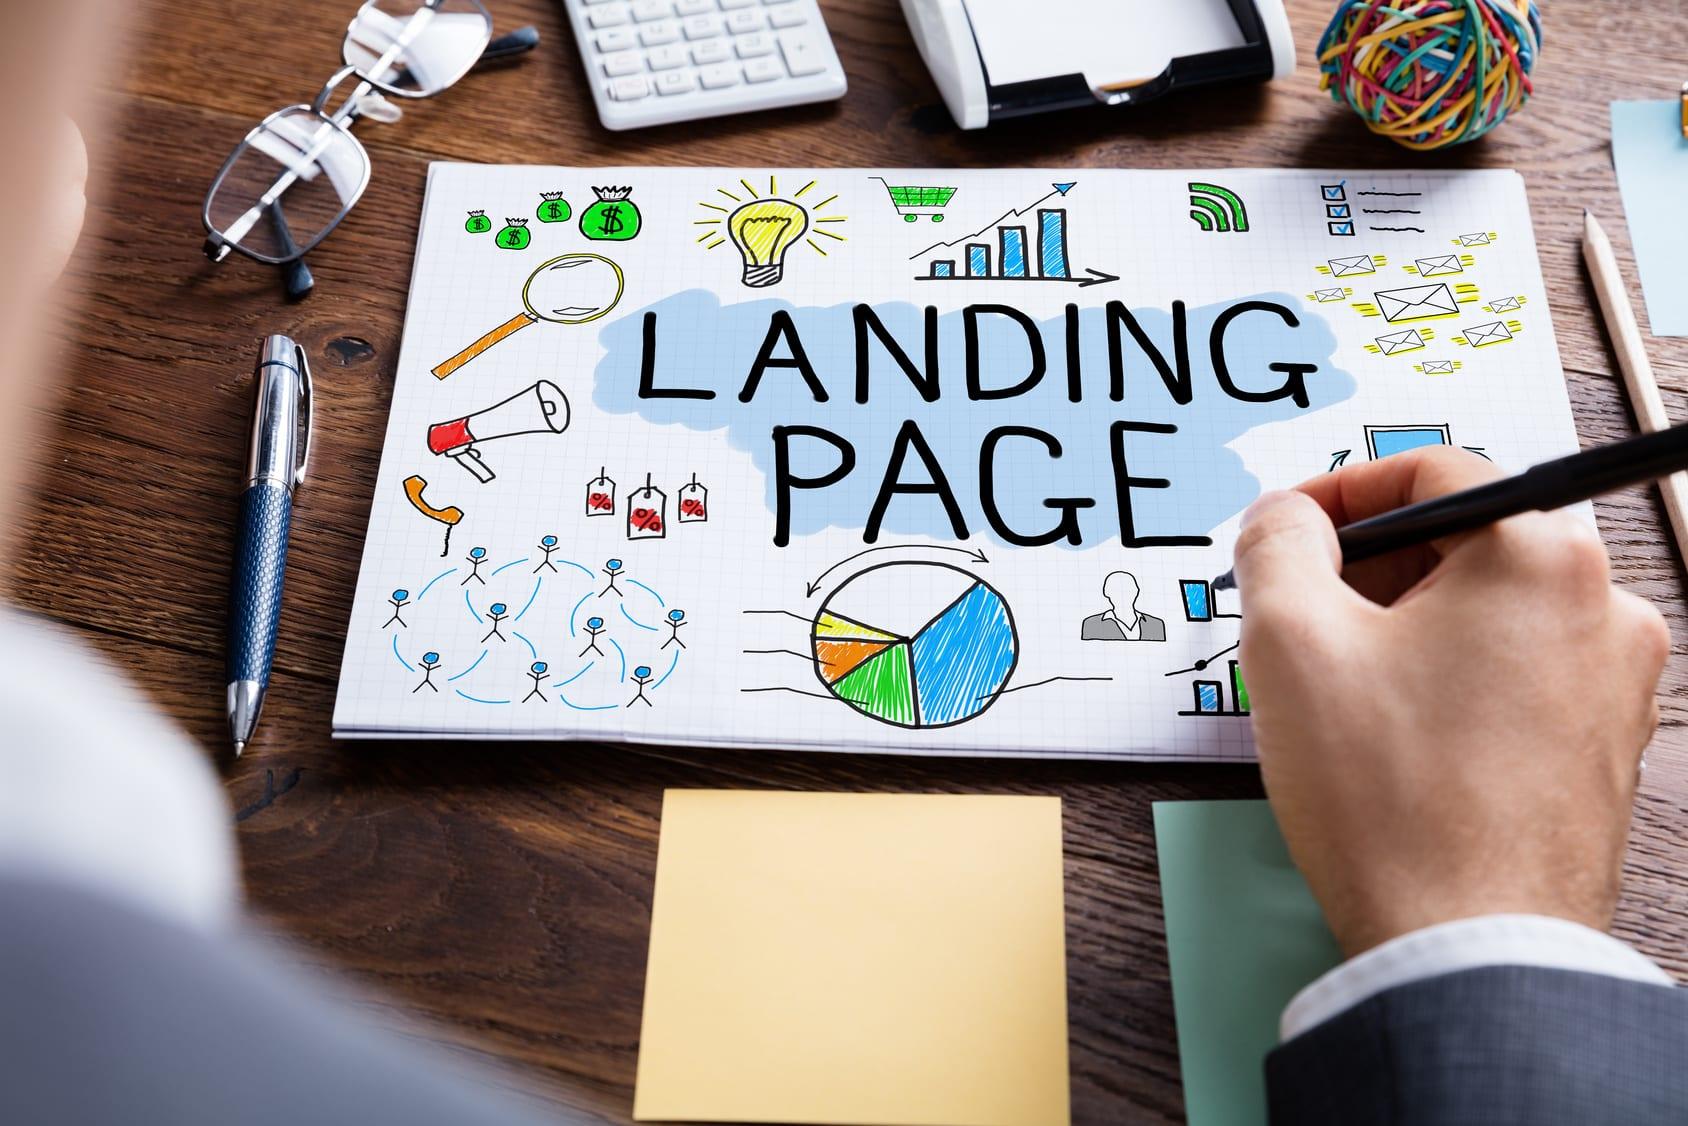 Co to jest landing page, strona lądowania, strona przechwytująca, strona sprzedażowa - blog Kobieca Strona Biznesu, blog dla przedsiębiorczych kobiet, Wordpress, copywriting, rozwijanie marki - Karolina Kołodziejczyk